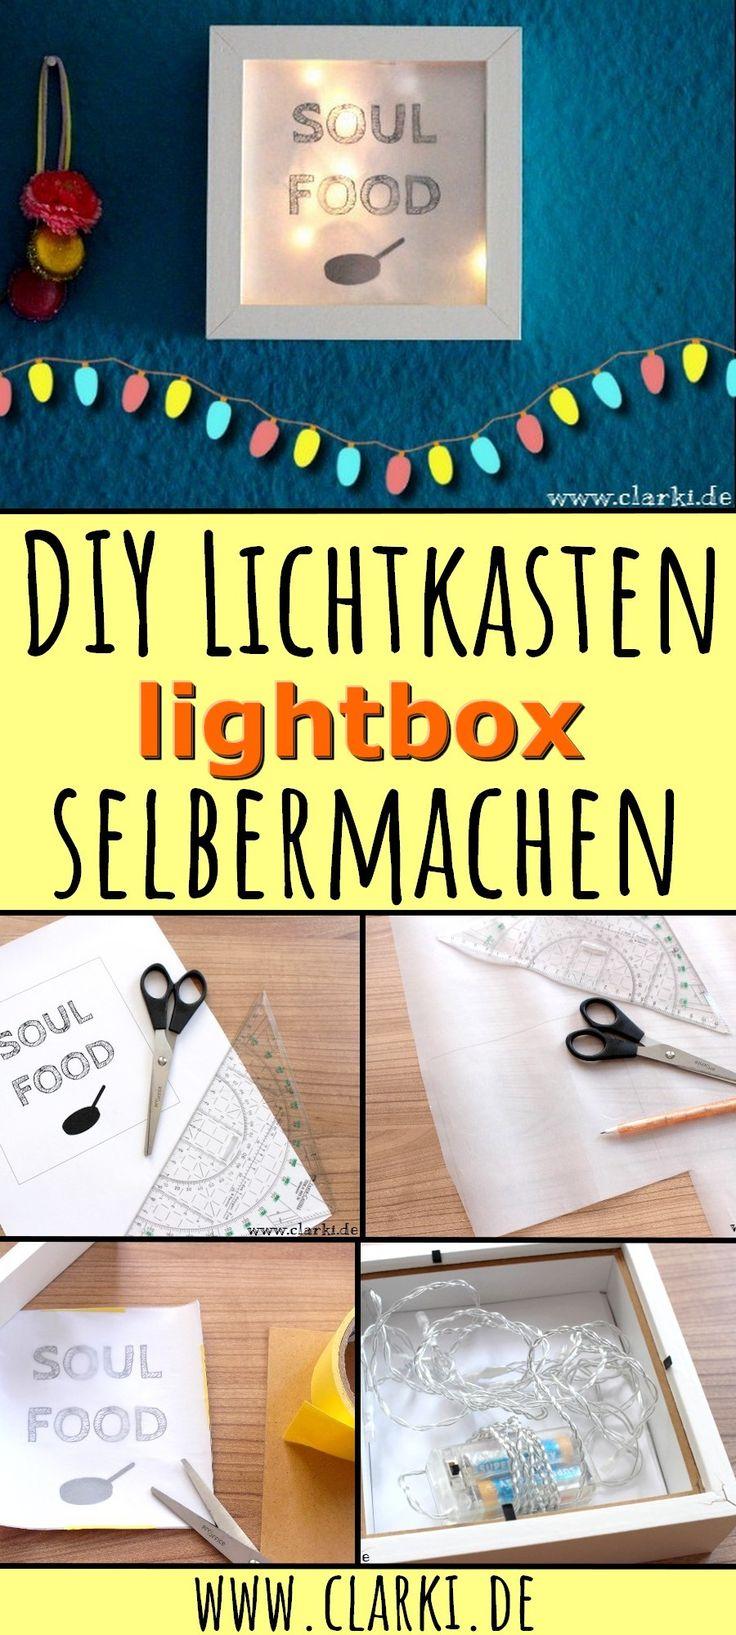 107 besten diy lampen beleuchtung bilder auf pinterest - Lightbox buchstaben selber machen ...